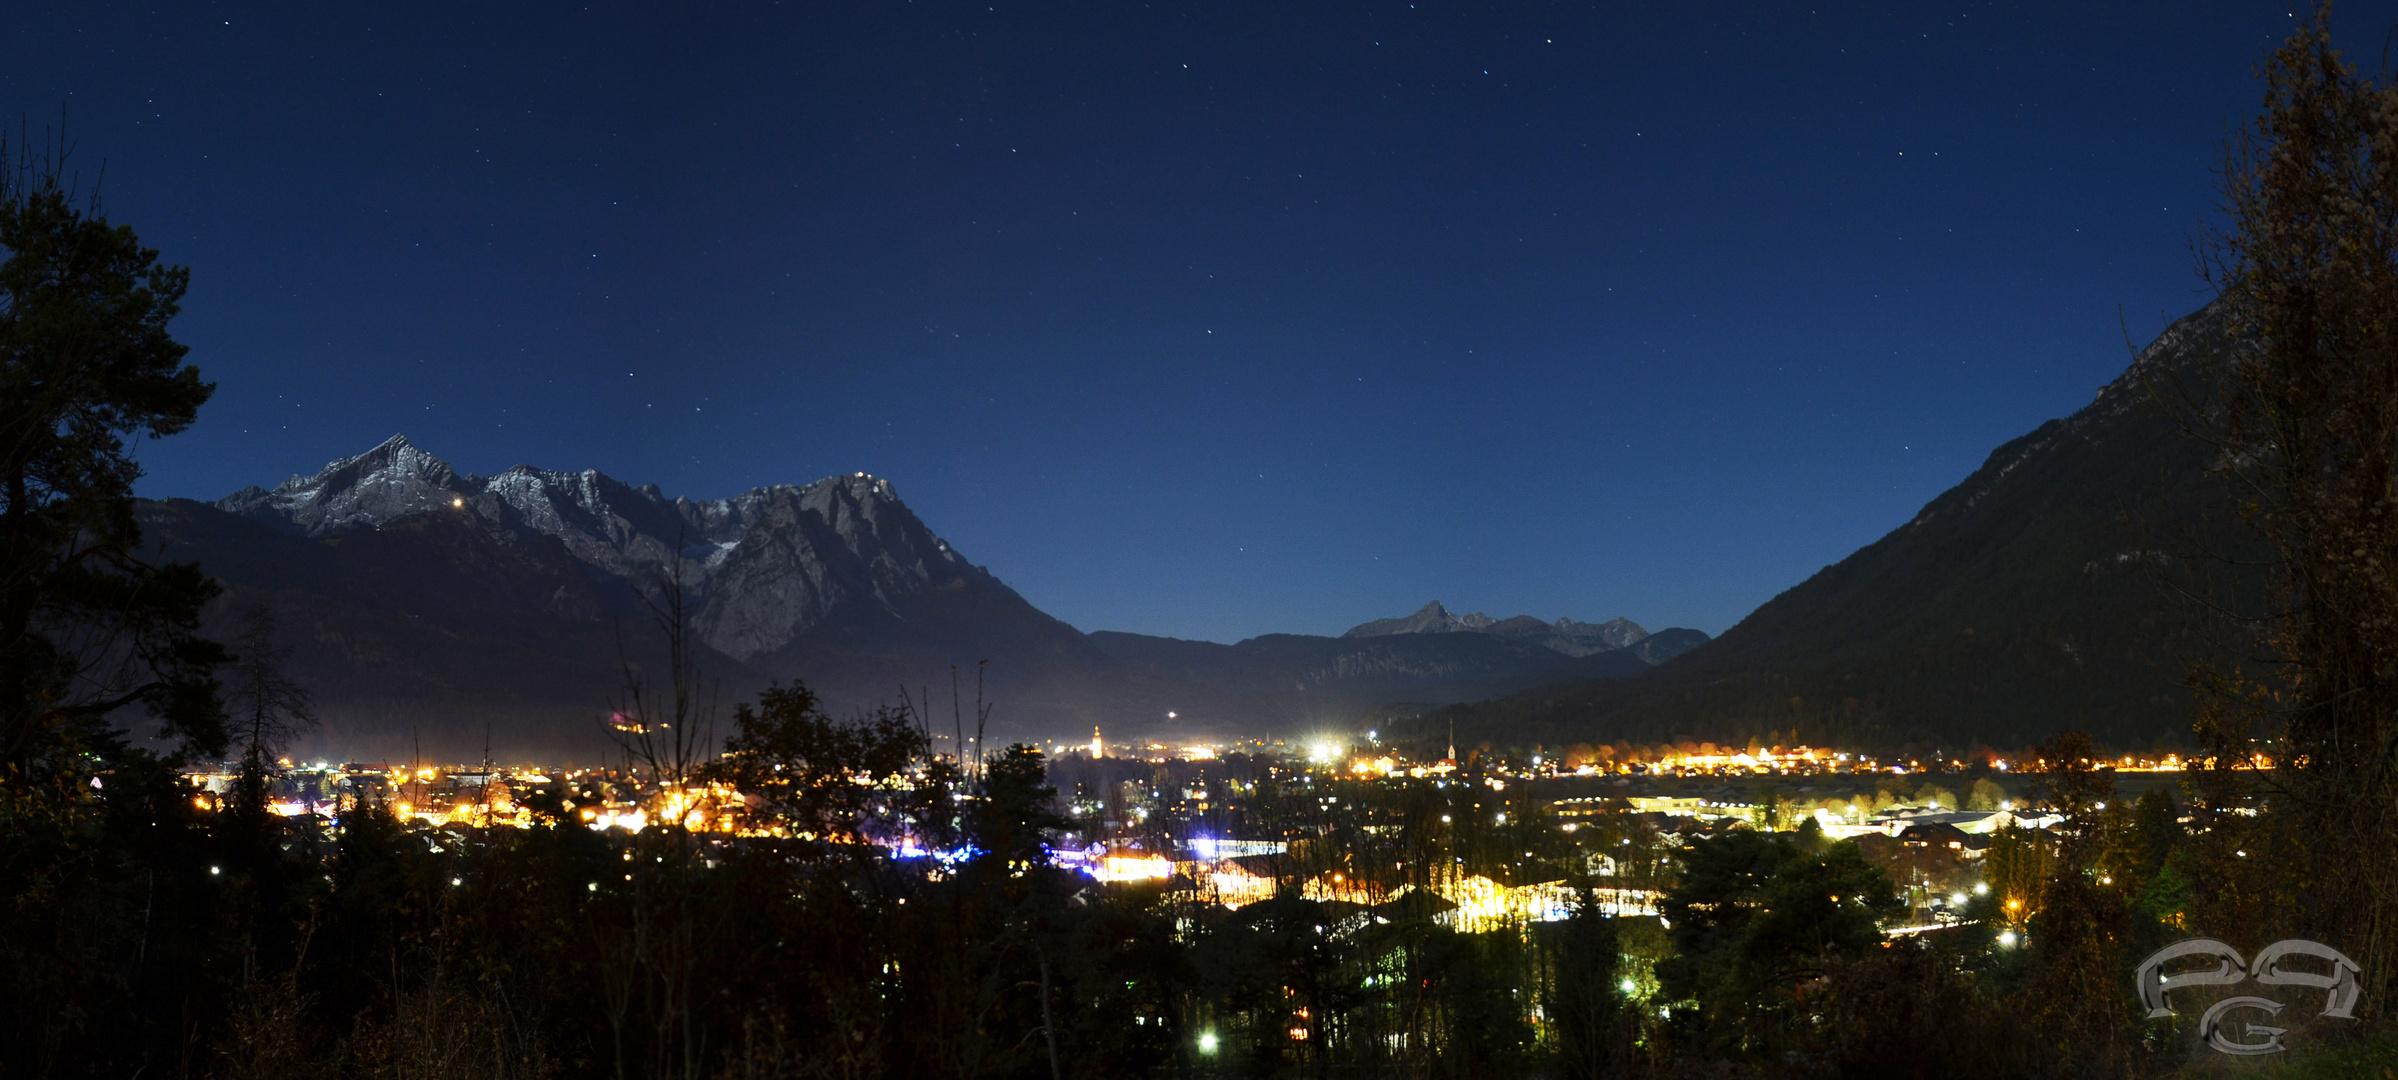 Garmisch- Partenkirchen